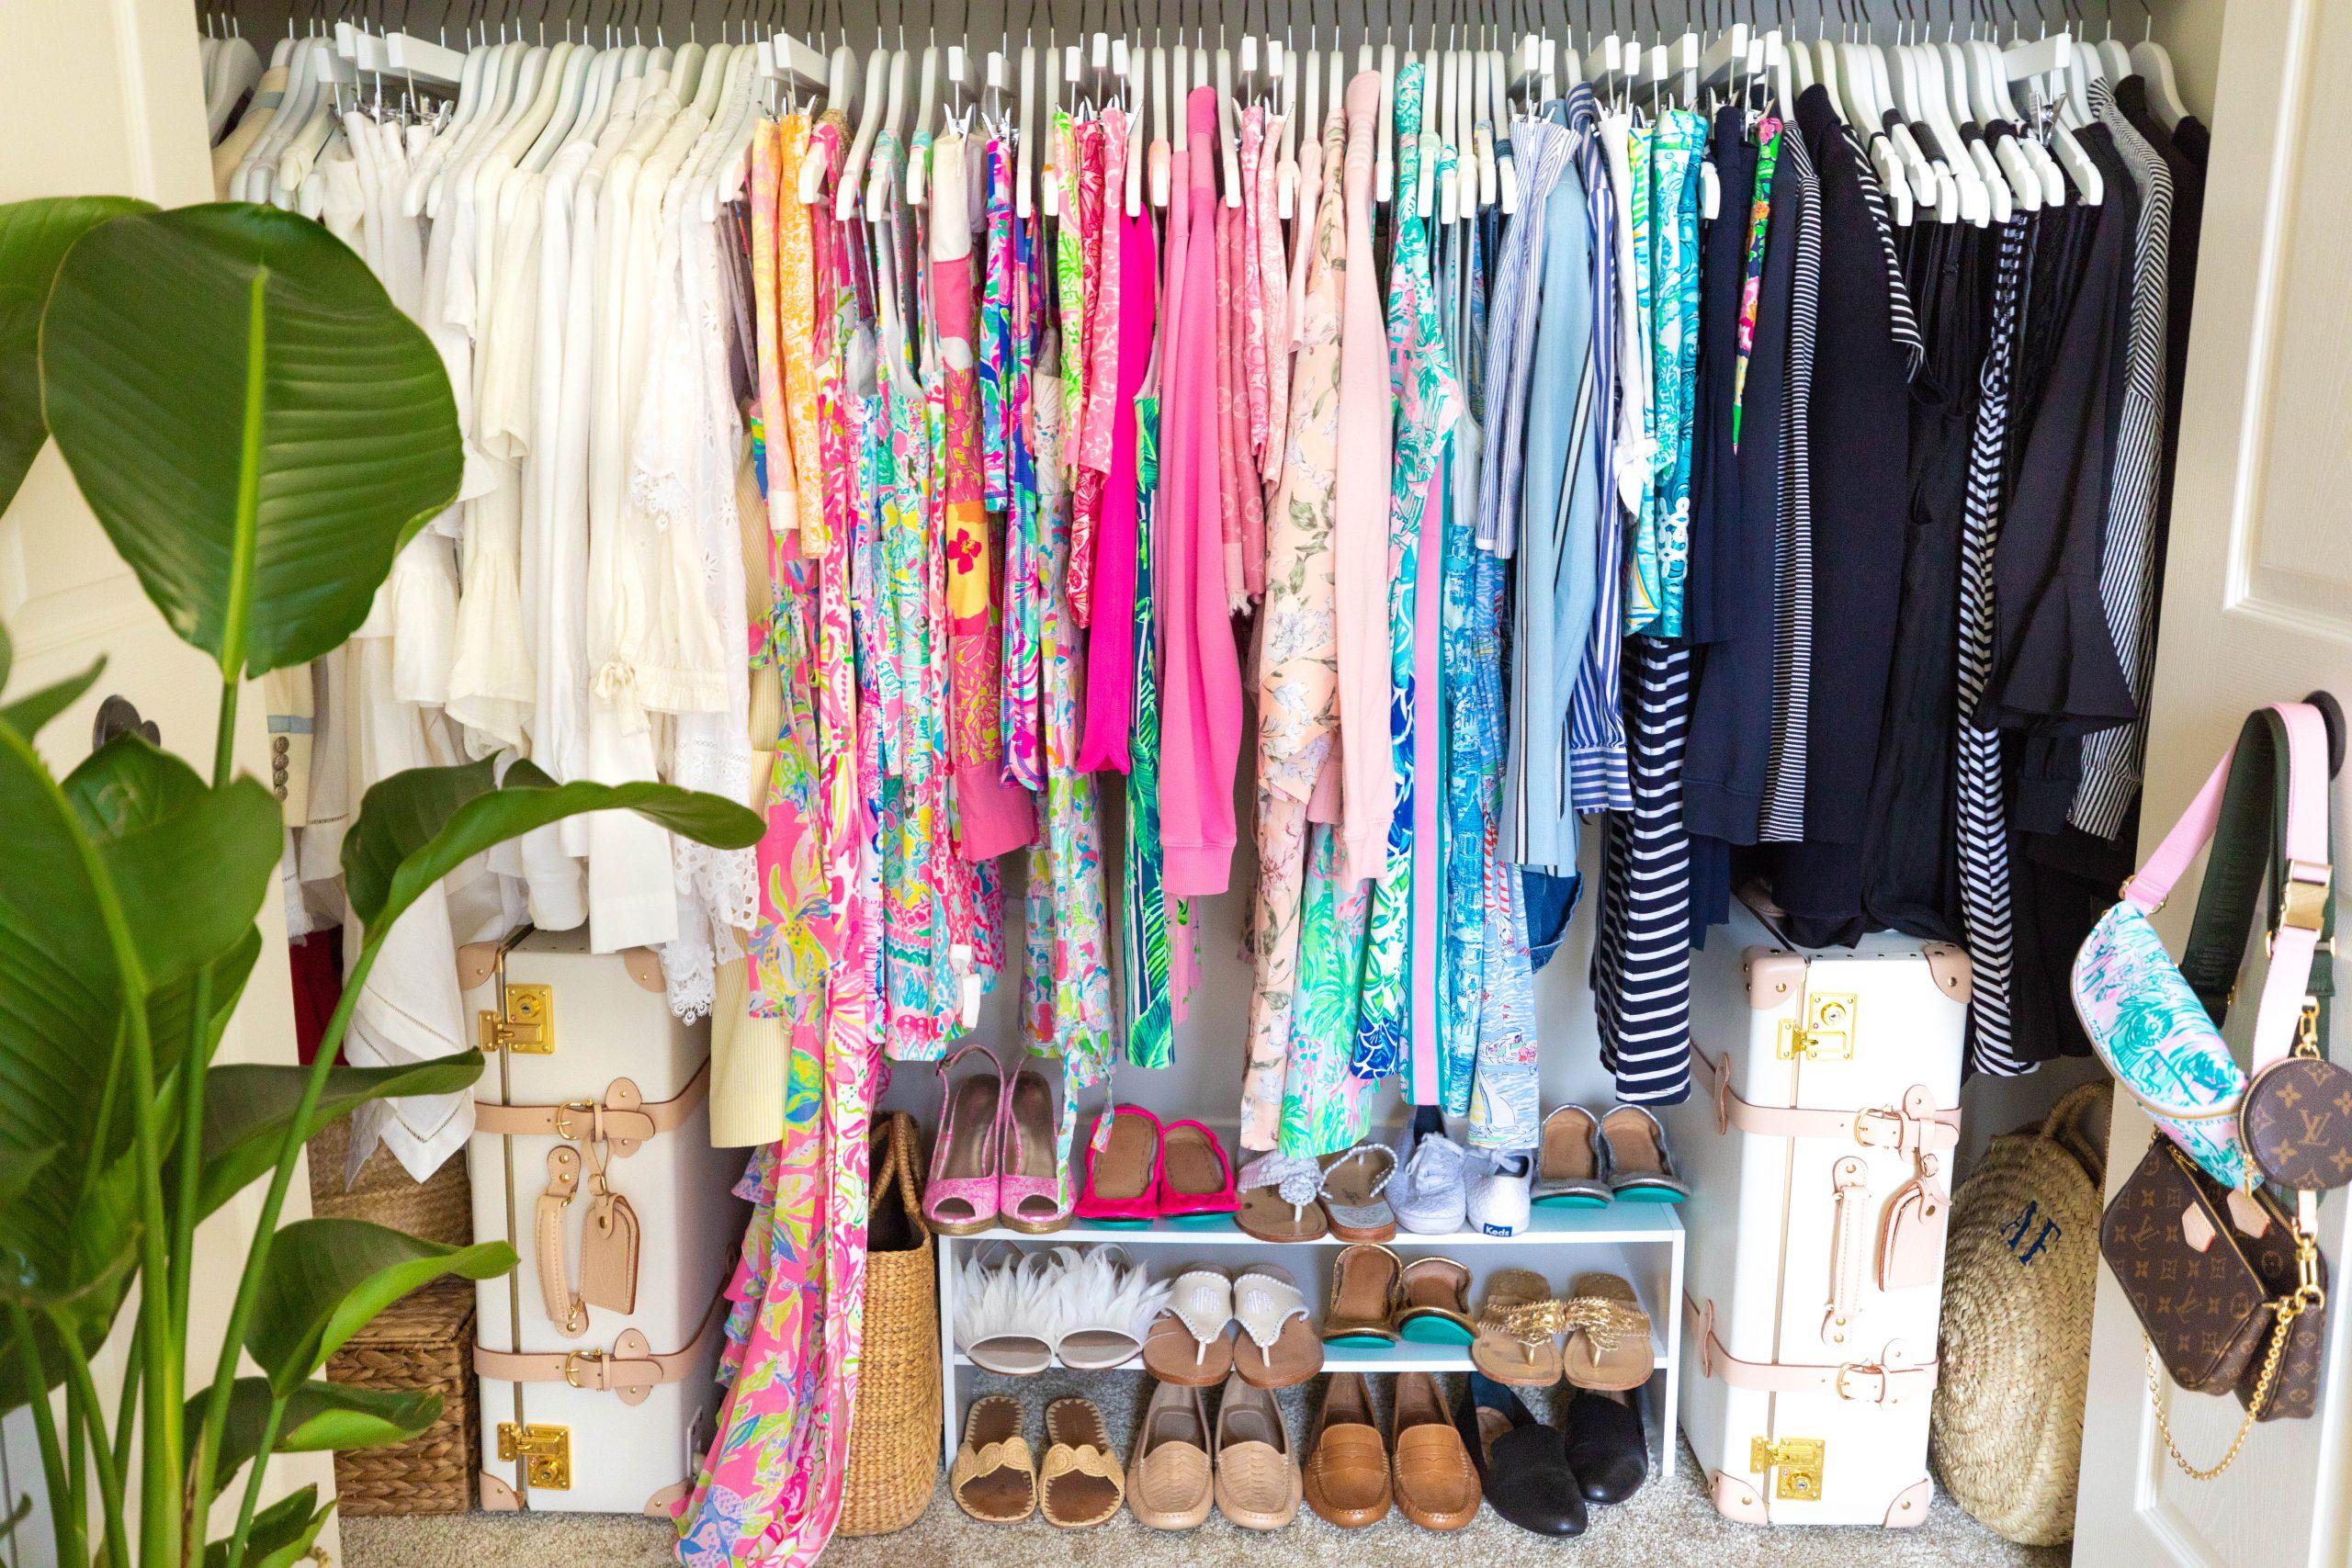 Annie Fairfax Favorite Brands in My Closet